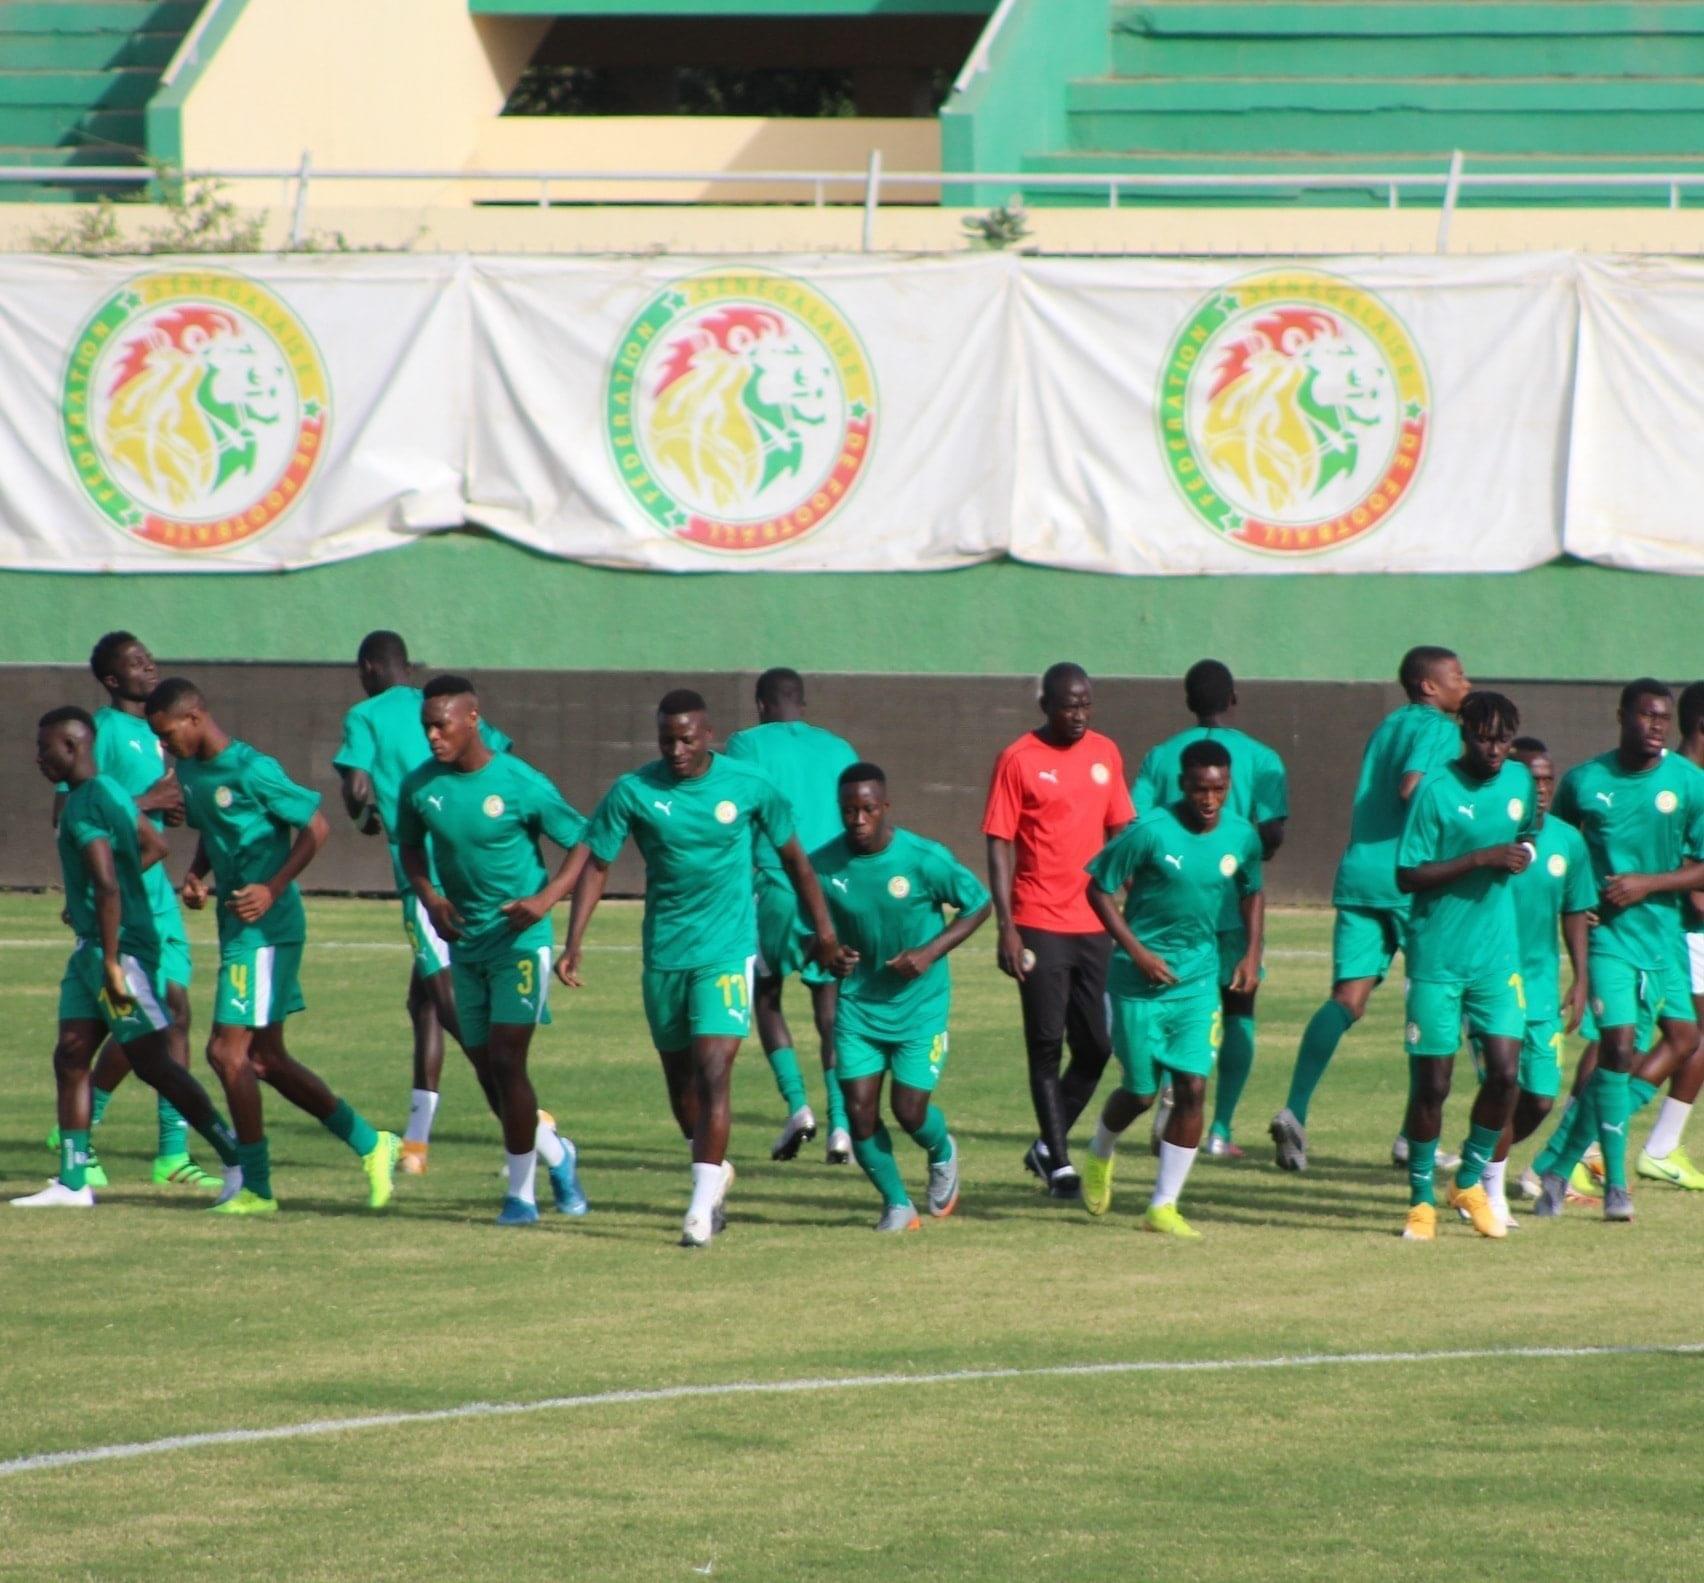 Tournoi UFOA U20 / Qualificatif CAN U20 : Le Sénégal et les deux Guinée en demi-finale, la Gambie et la Sierra Leone se disputent le dernier ticket.